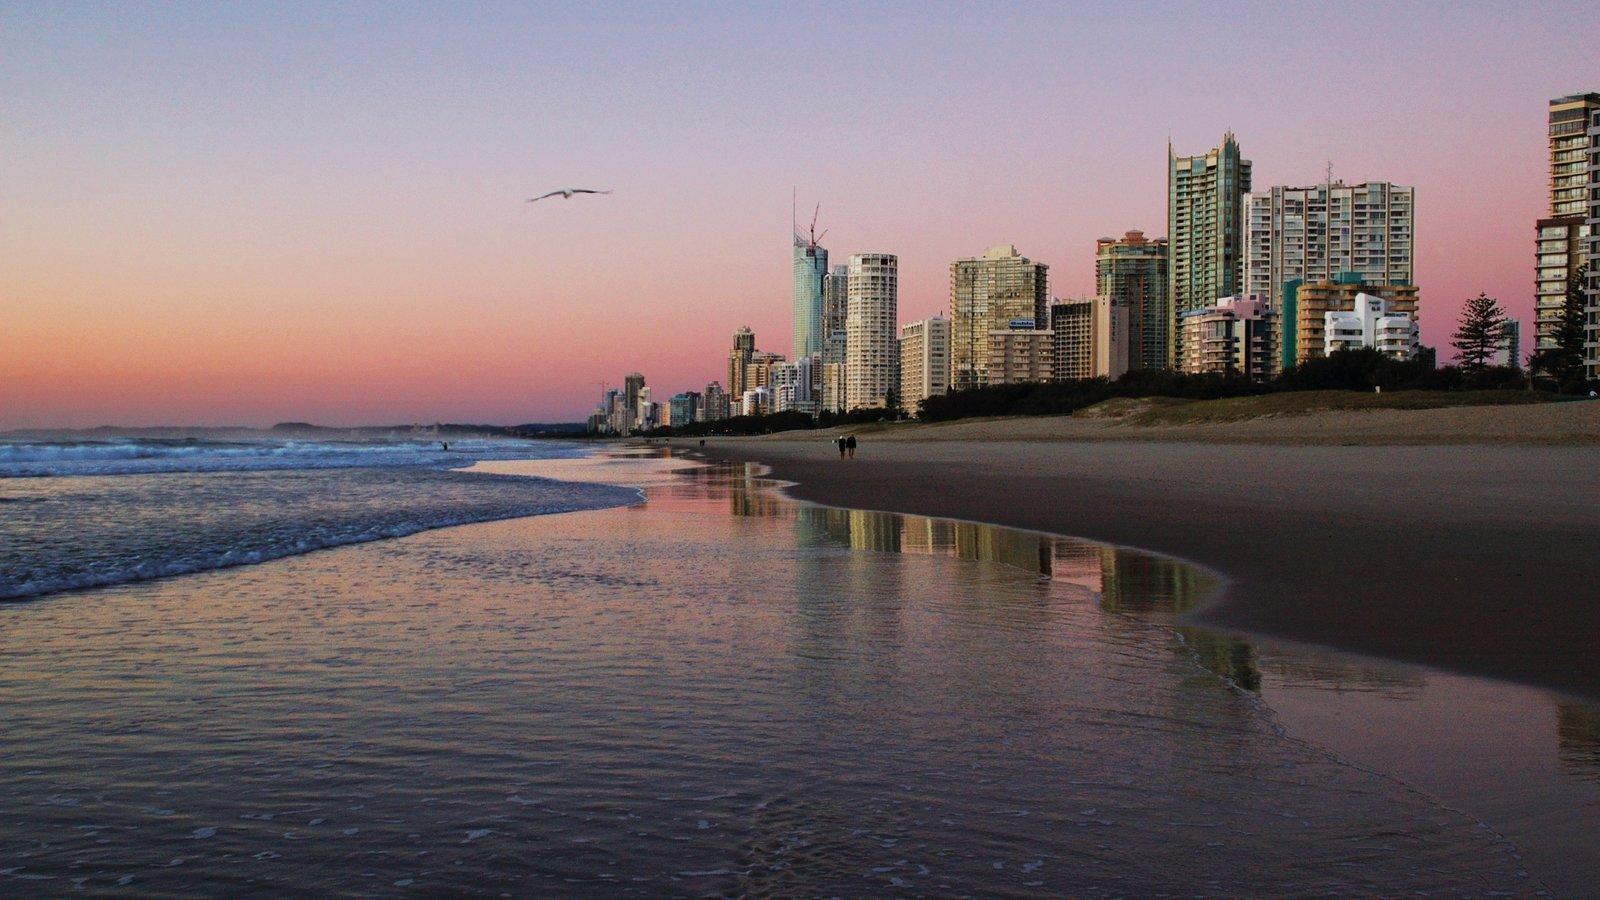 Gold Coast que incluye arquitectura moderna, una playa de arena y una puesta de sol